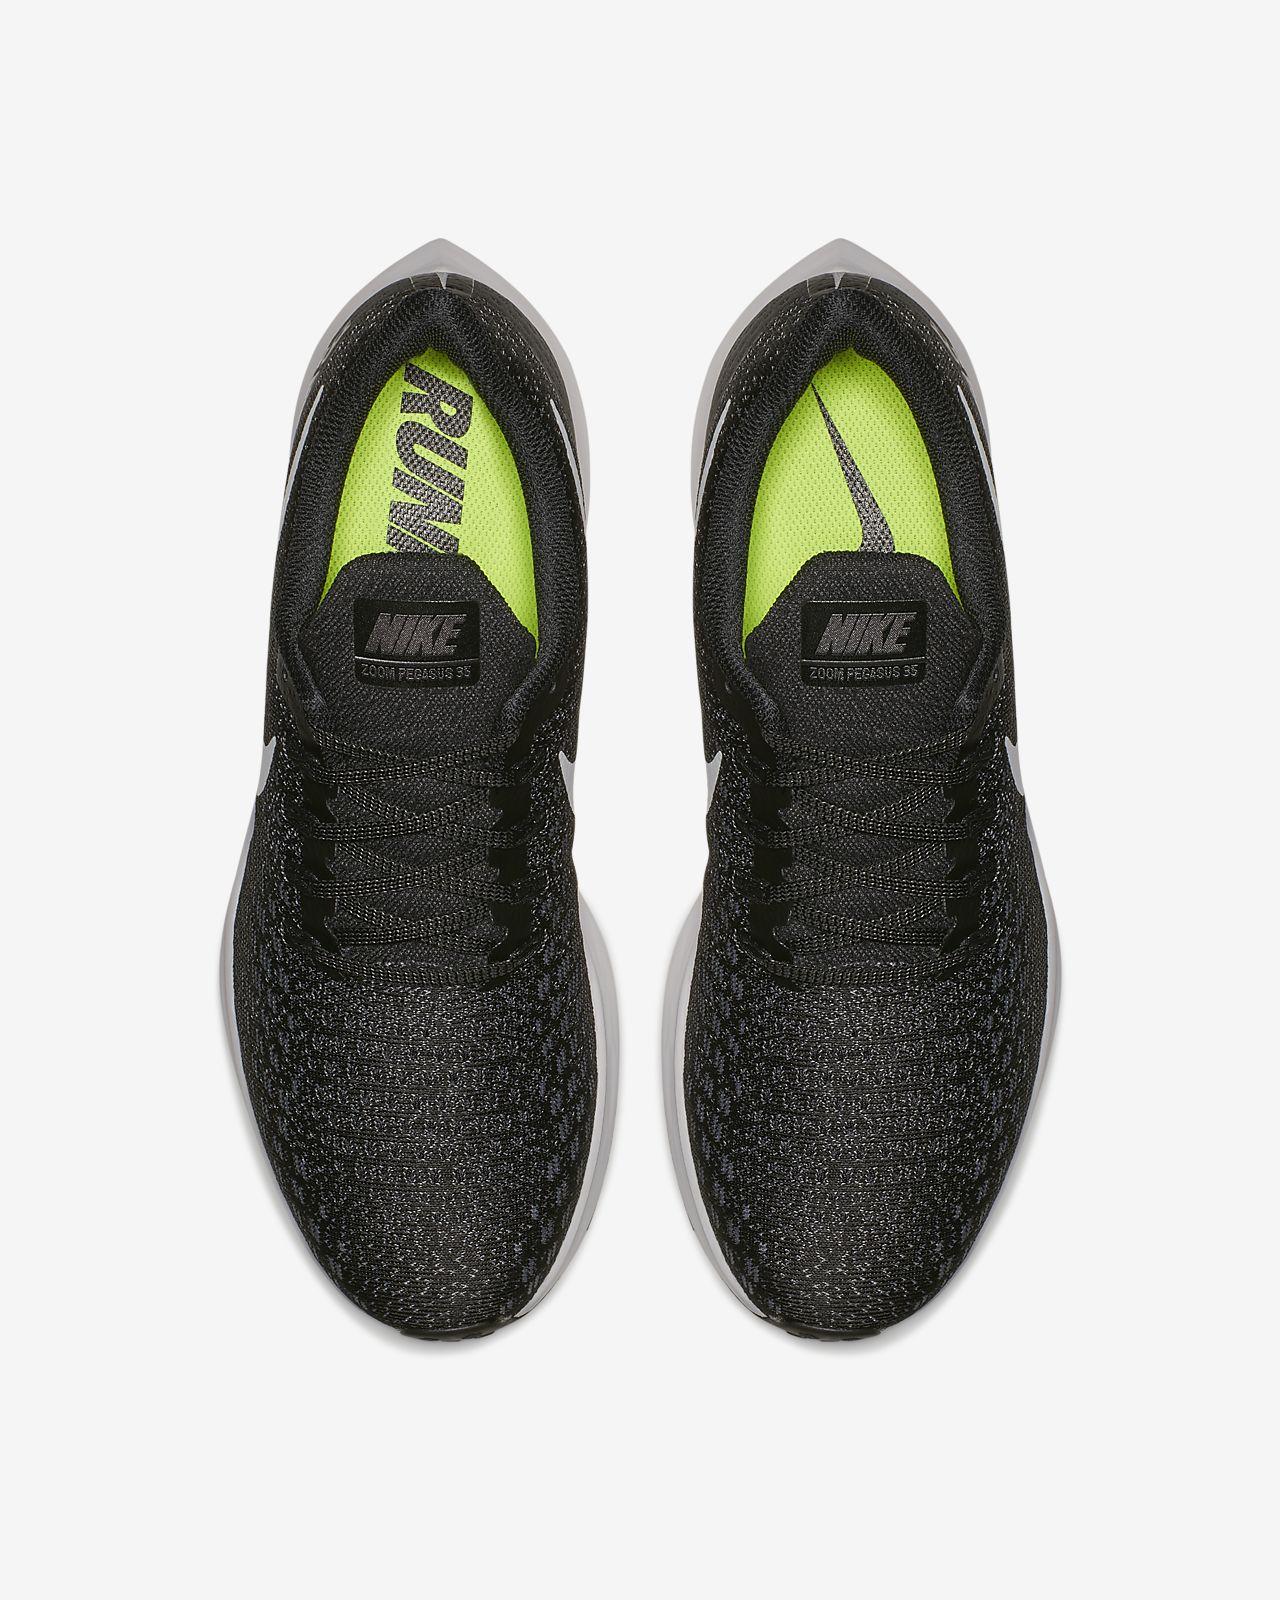 6c0f897e5d7720 Nike Air Zoom Pegasus 35 Herren-Laufschuh. Nike.com AT